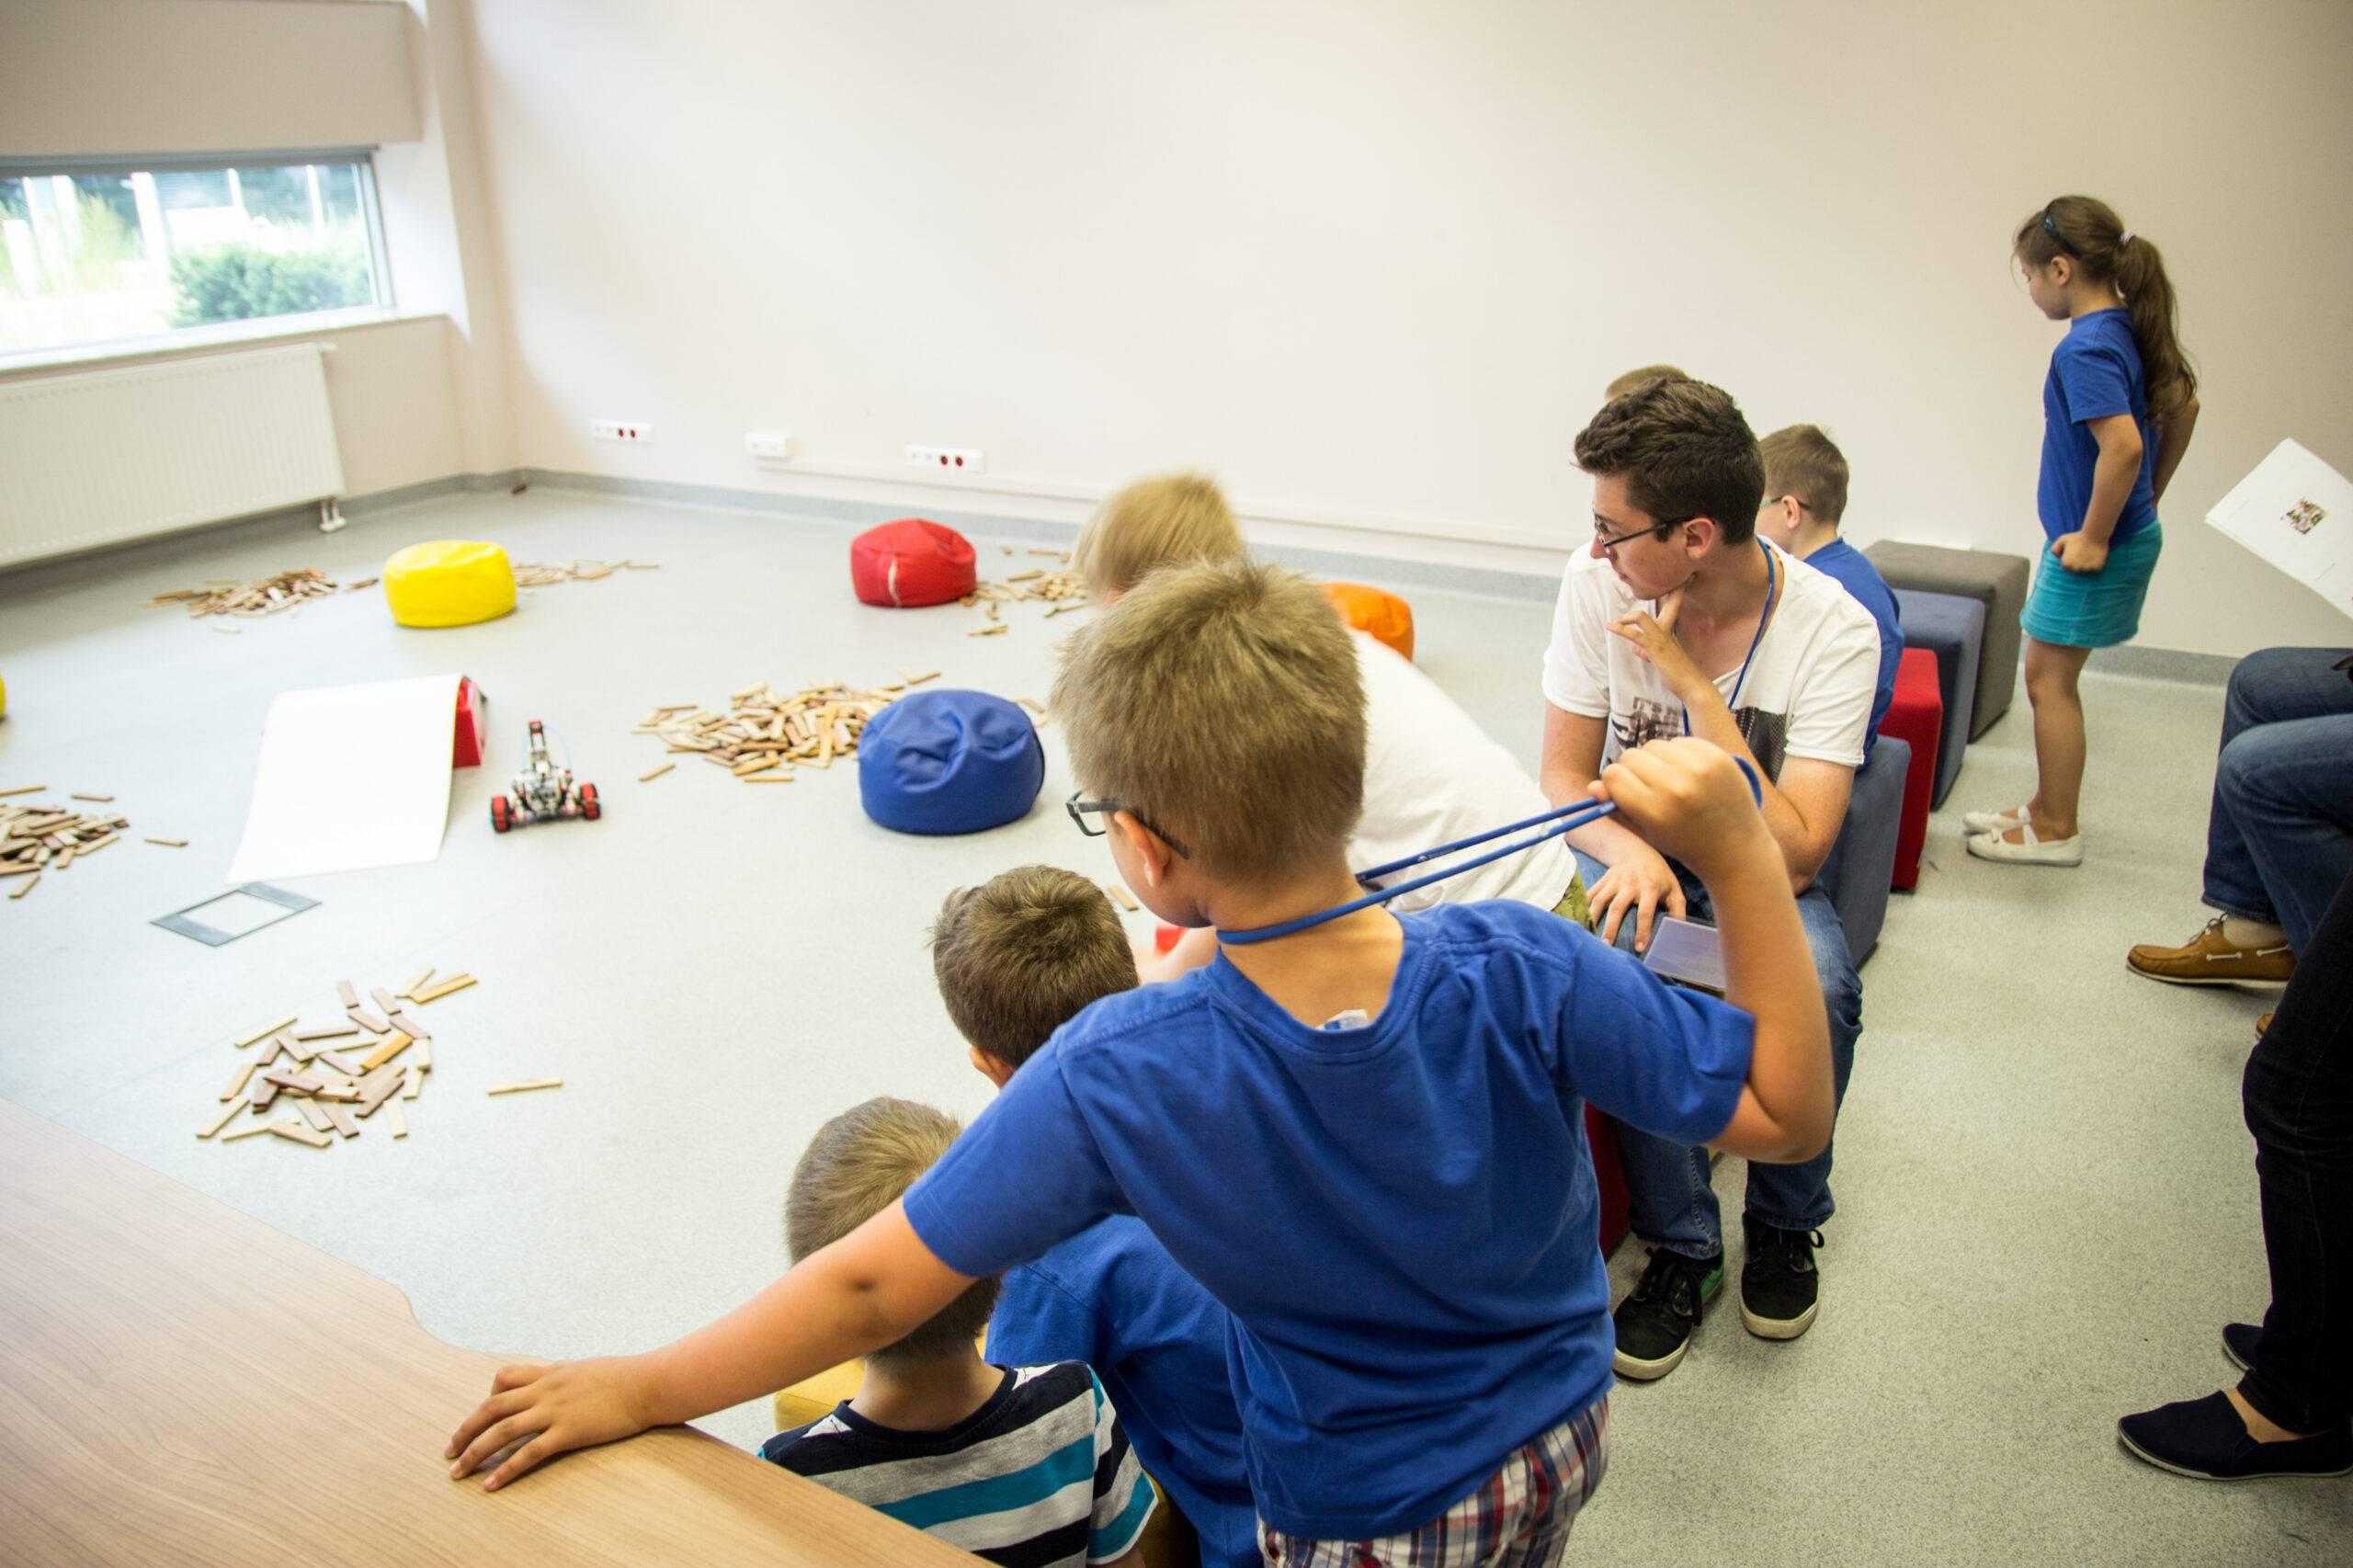 Uniwersytet Dziecięcy - Kreatywne wyzwania